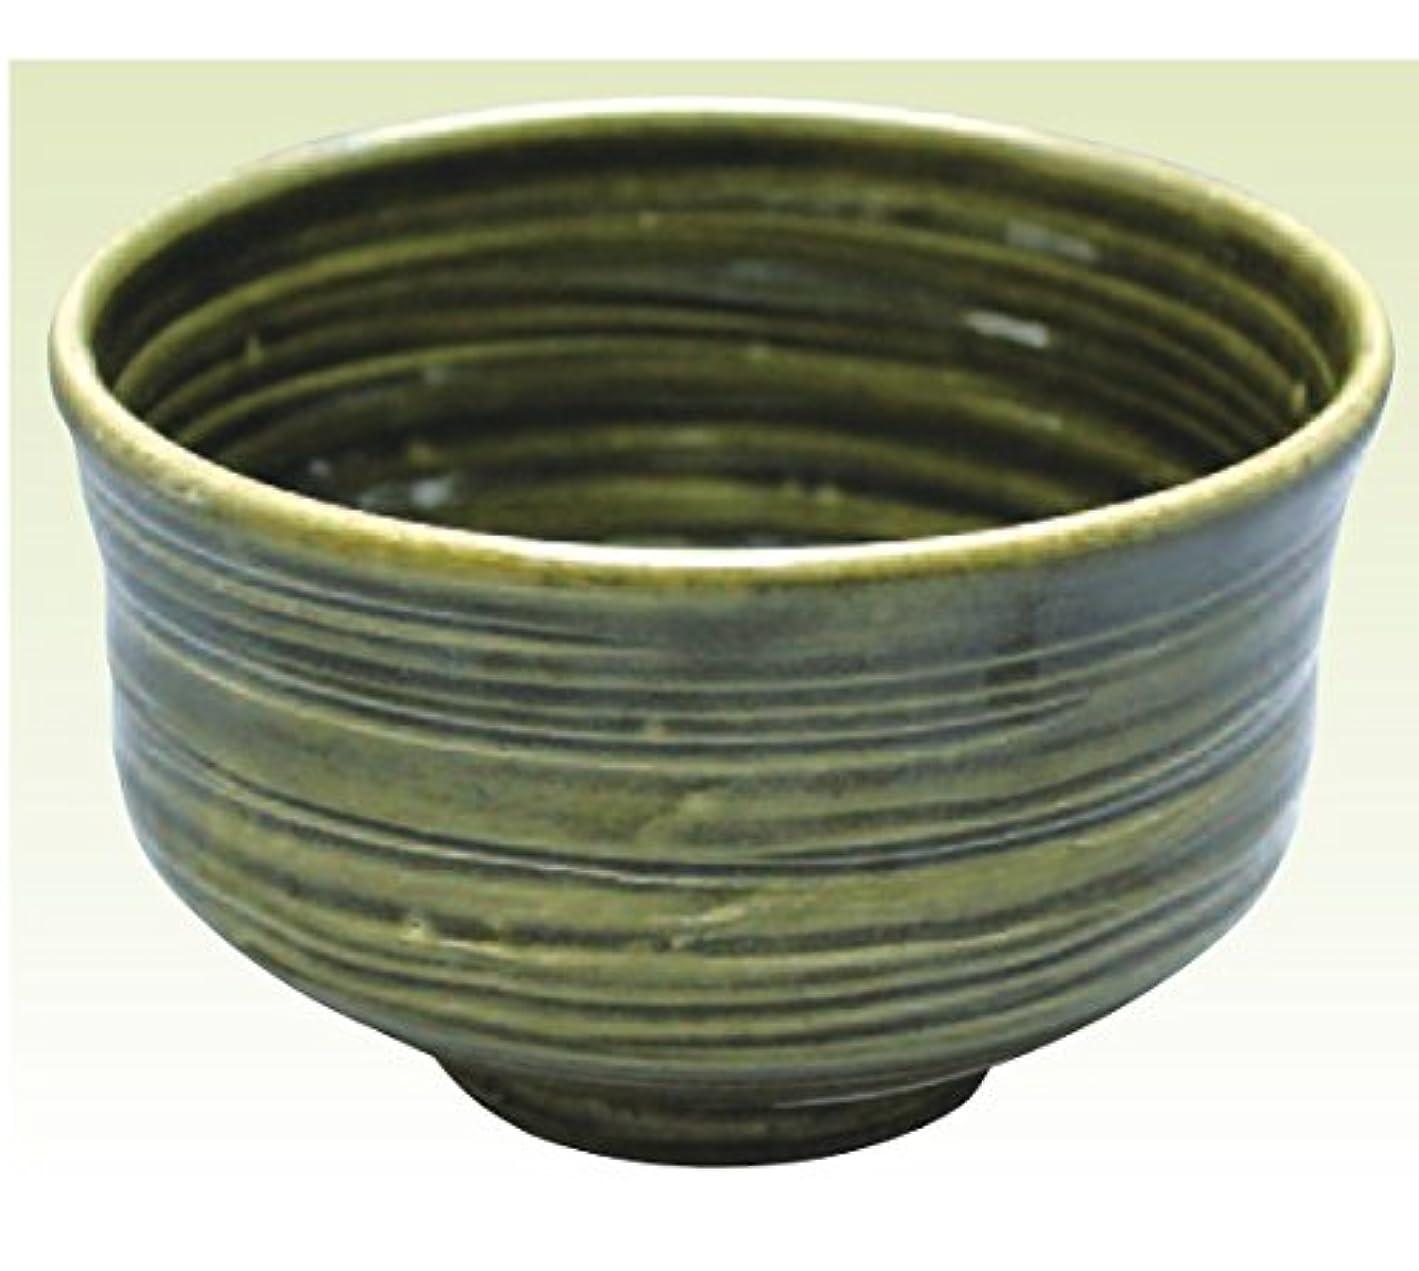 ページェント平野問い合わせ常滑焼 焜清作 抹茶茶碗織部径13×高さ8cm